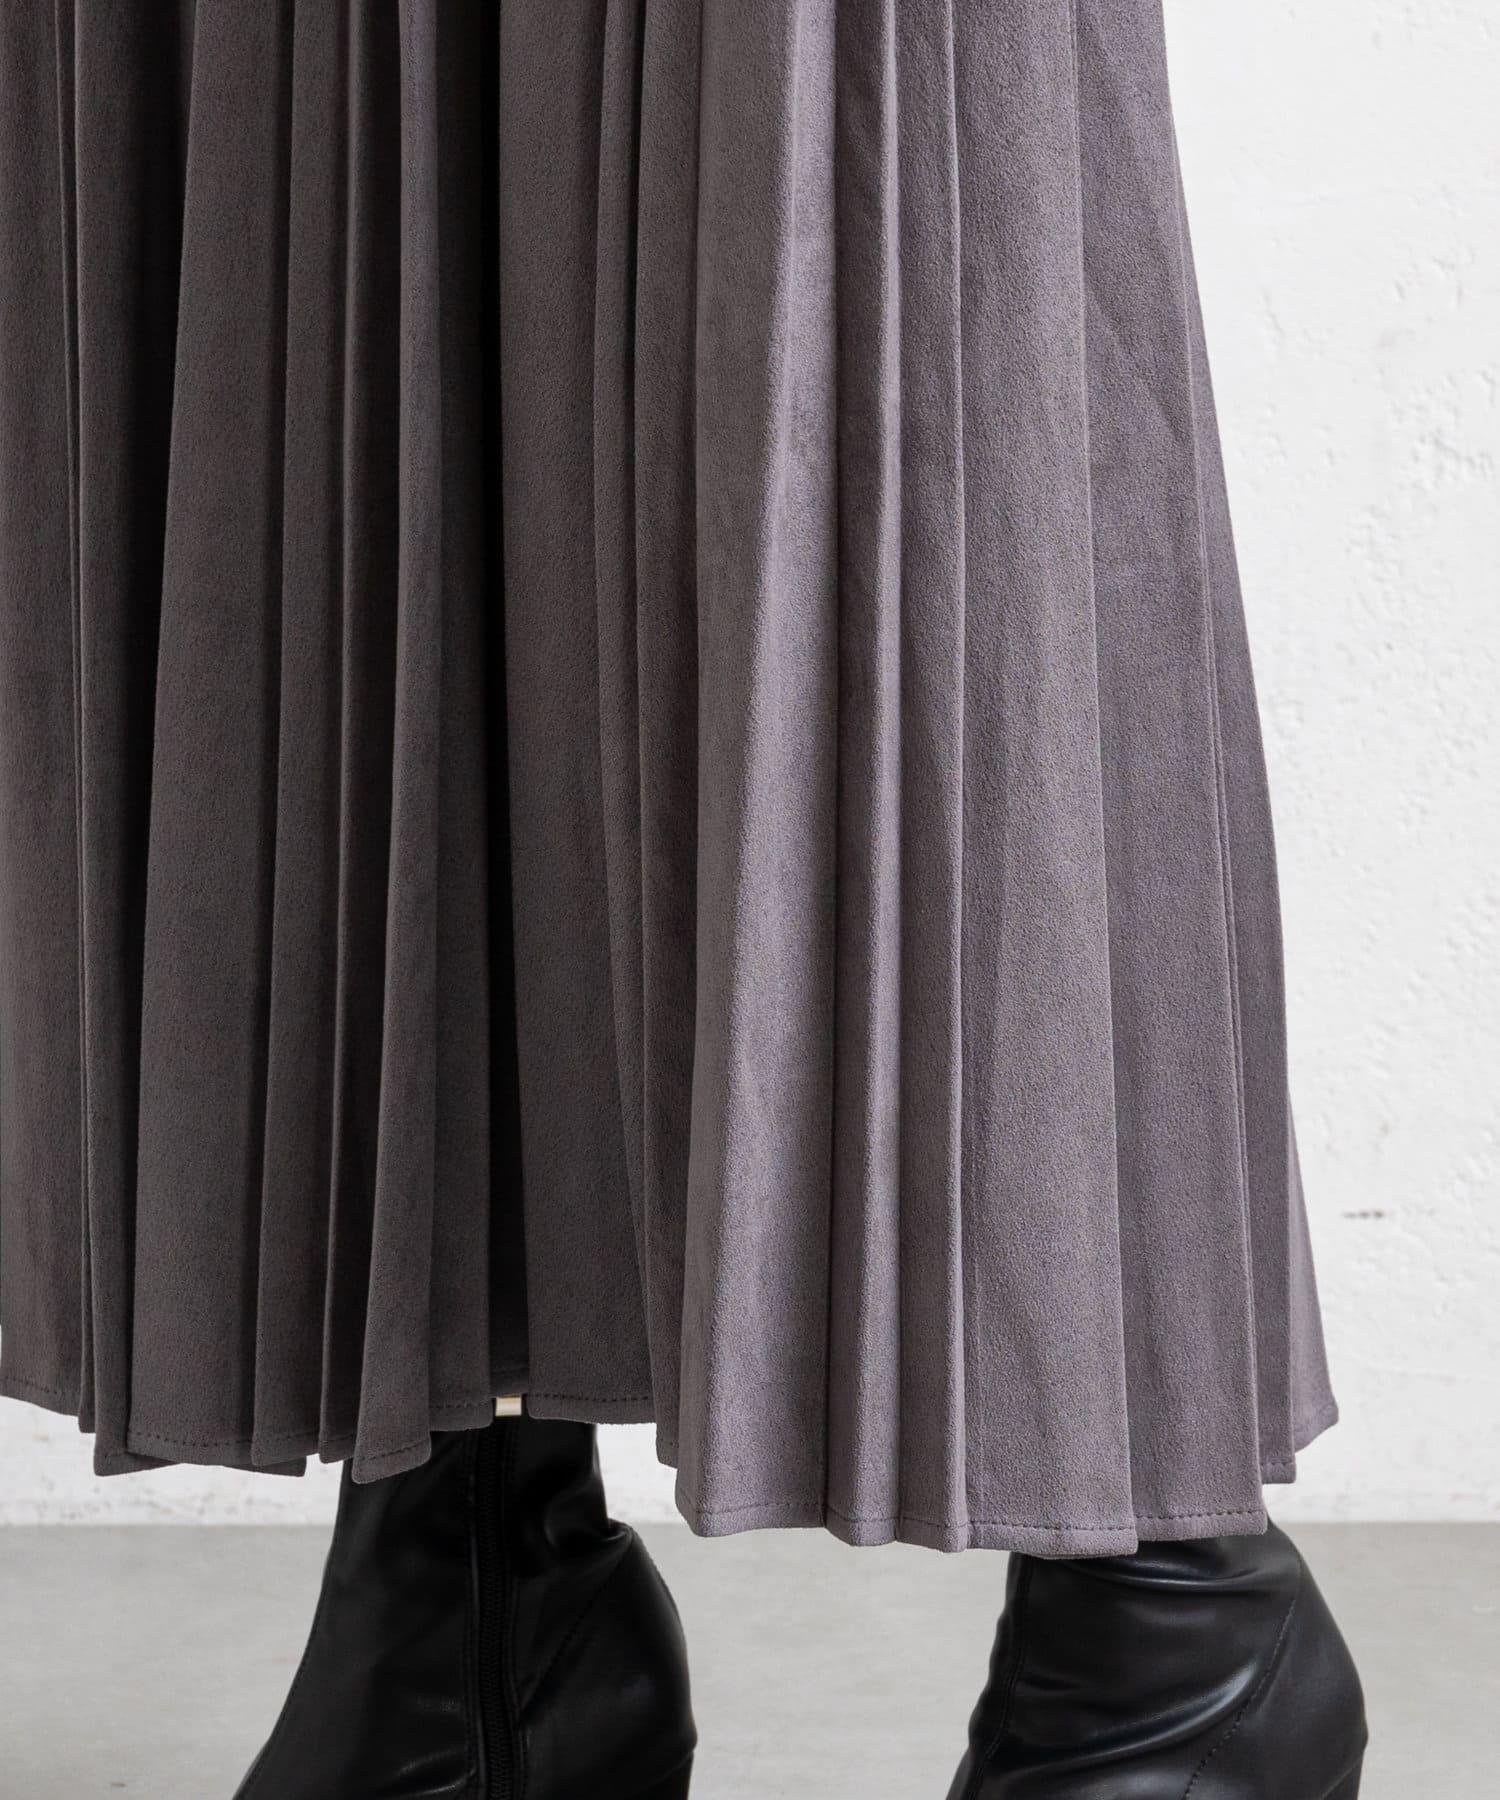 prose verse(プロズヴェール) 【ウエストゴム仕様】ランダムプリーツスエードスカート